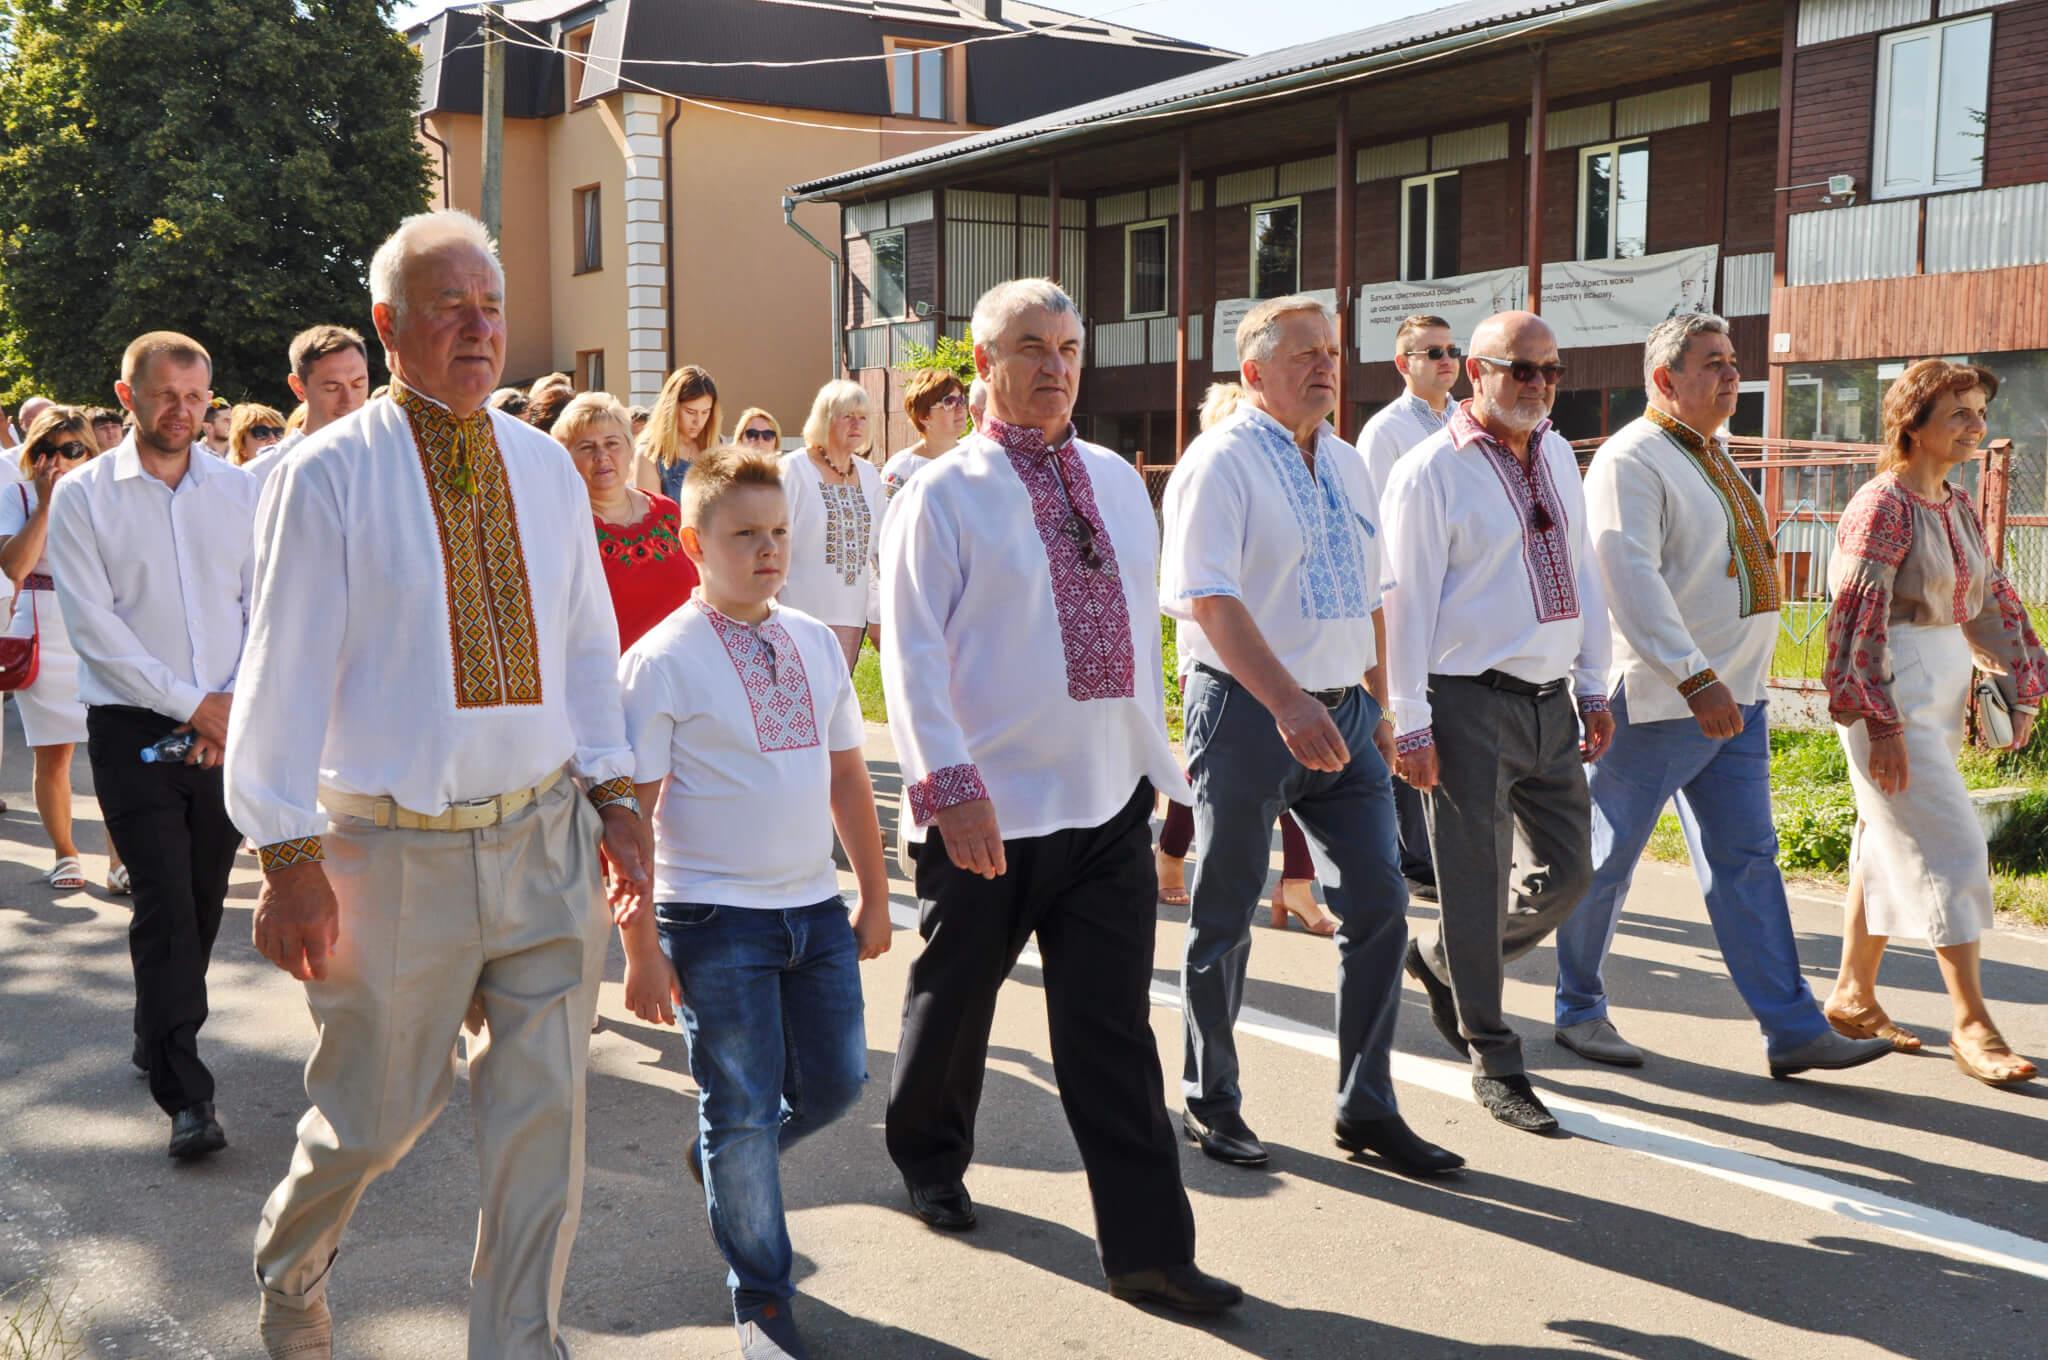 6 липня 2019 року відбулася кооперативна Проща, присвячена Міжнародному дню кооперації